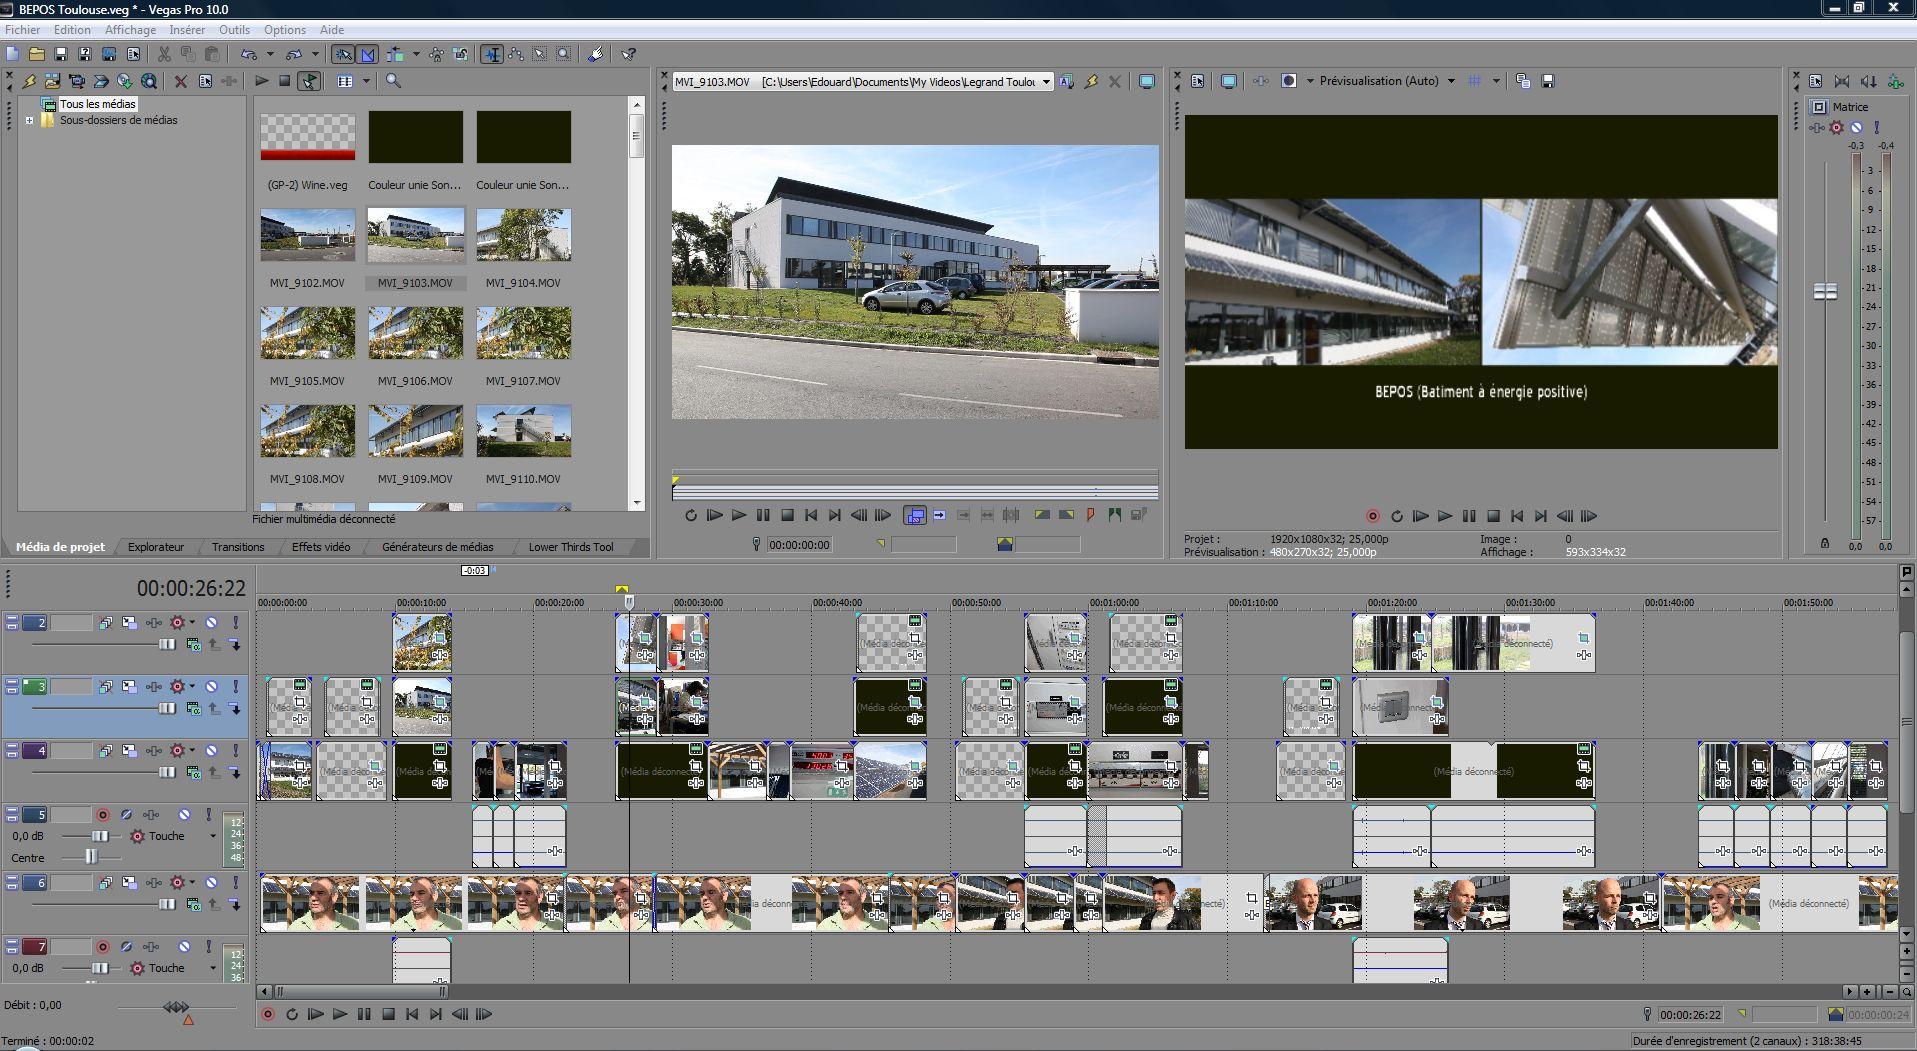 Vegas pro 10 le montage avchd enfin fluide for Logiciel montage 3d